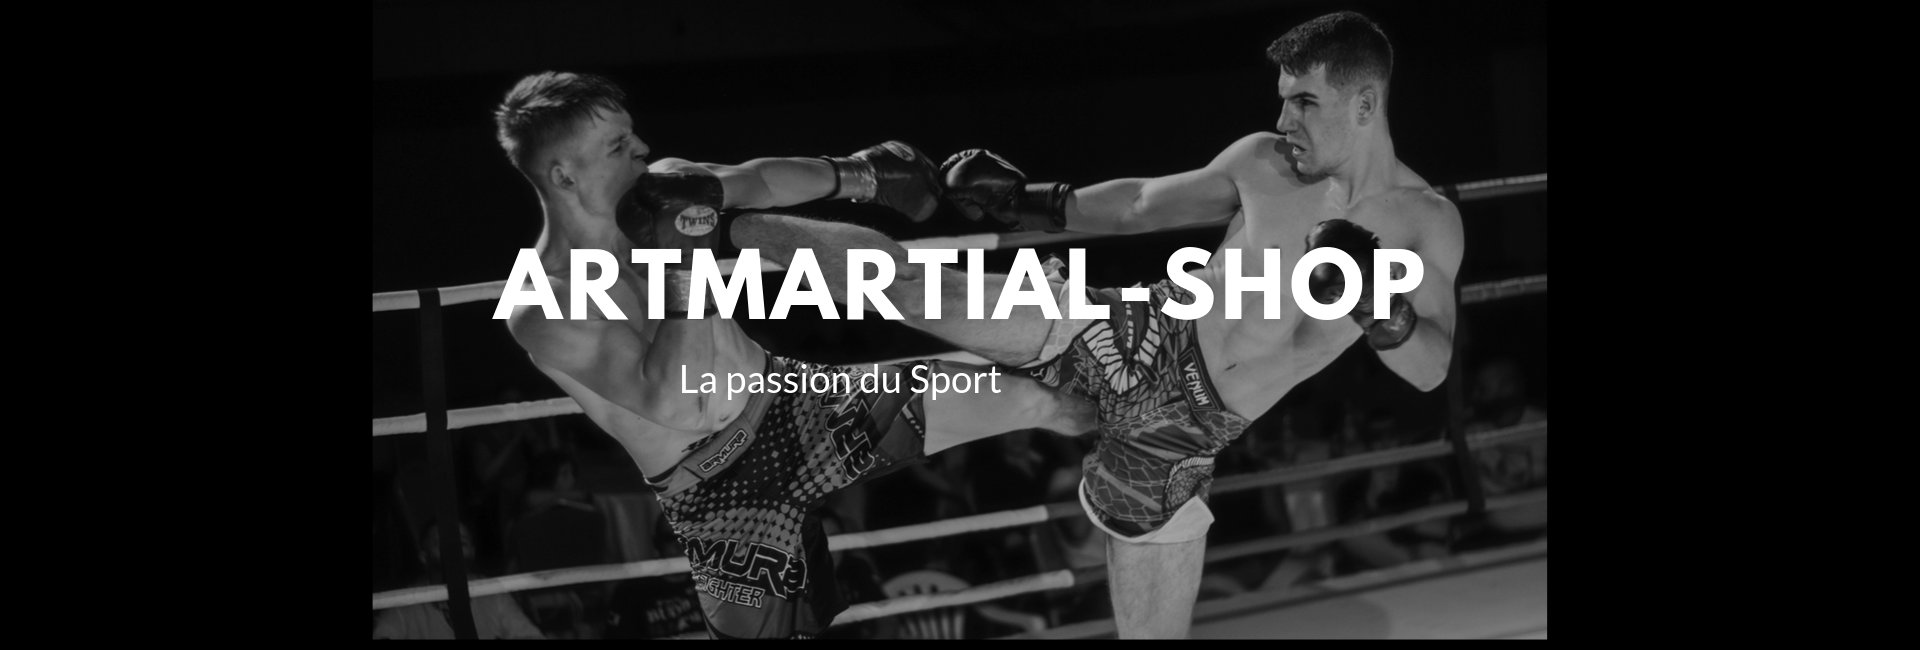 Art Martial Shop